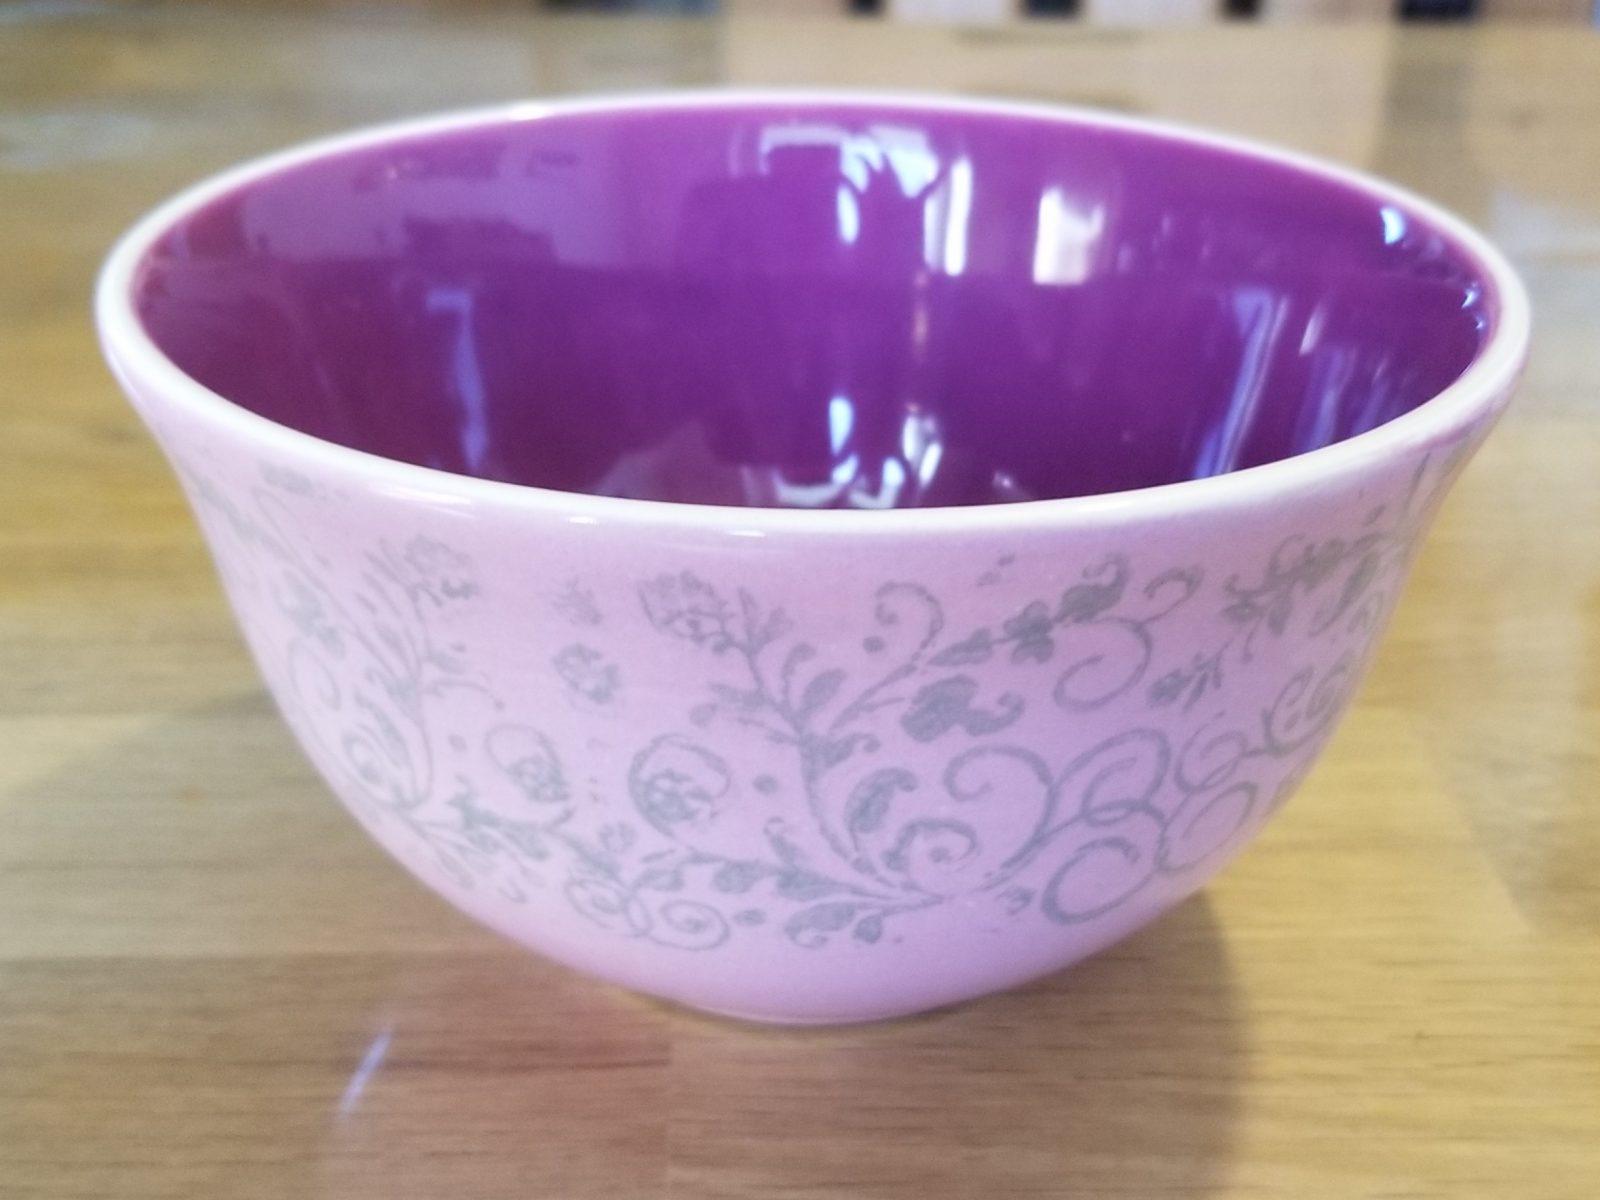 Keramik flieder Vintage-Schale